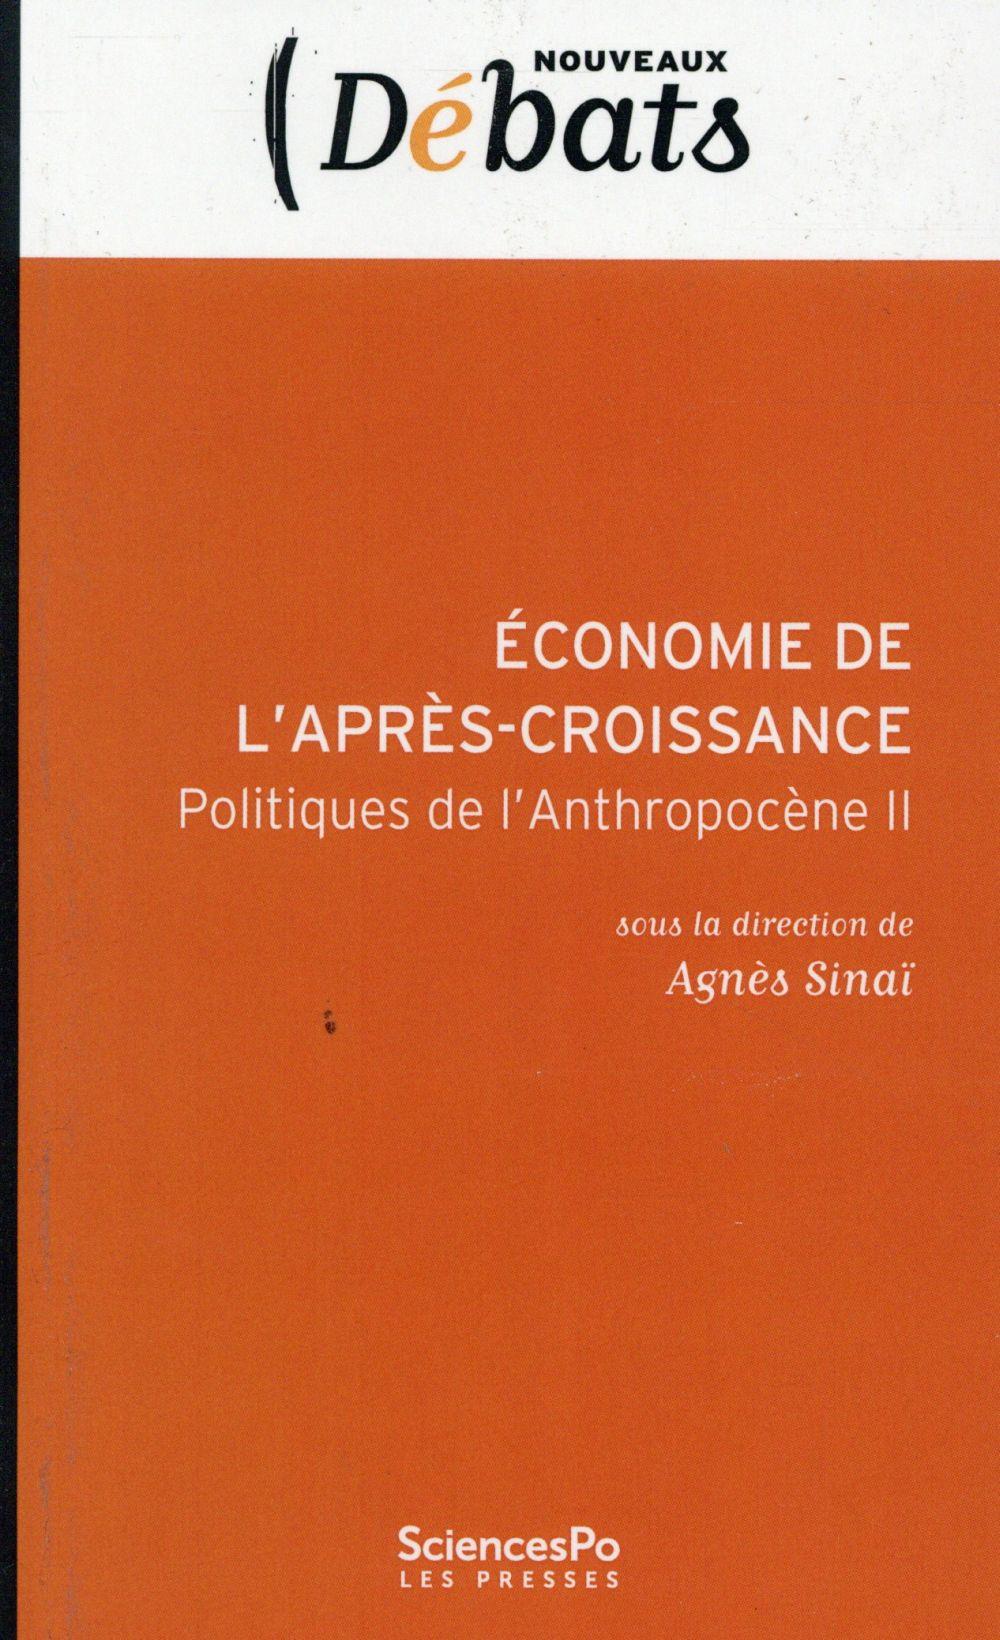 L'ECONOMIE DE L'APRES CROISSANCE : POLITIQUES DE L'ANTHROPOCENE II